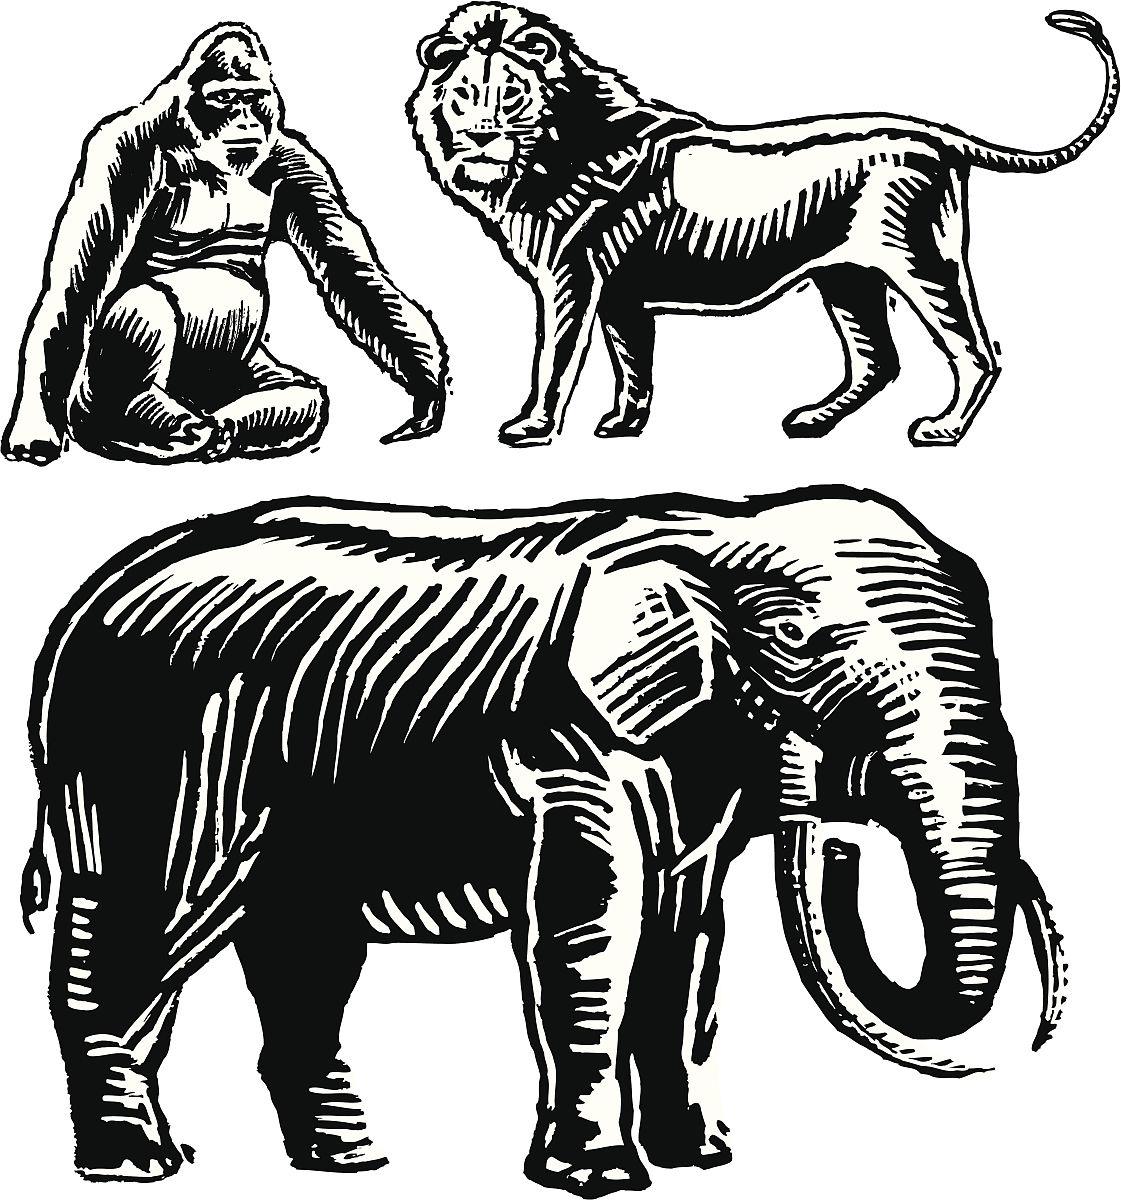 非洲动物-大象,大猩猩,狮子图片